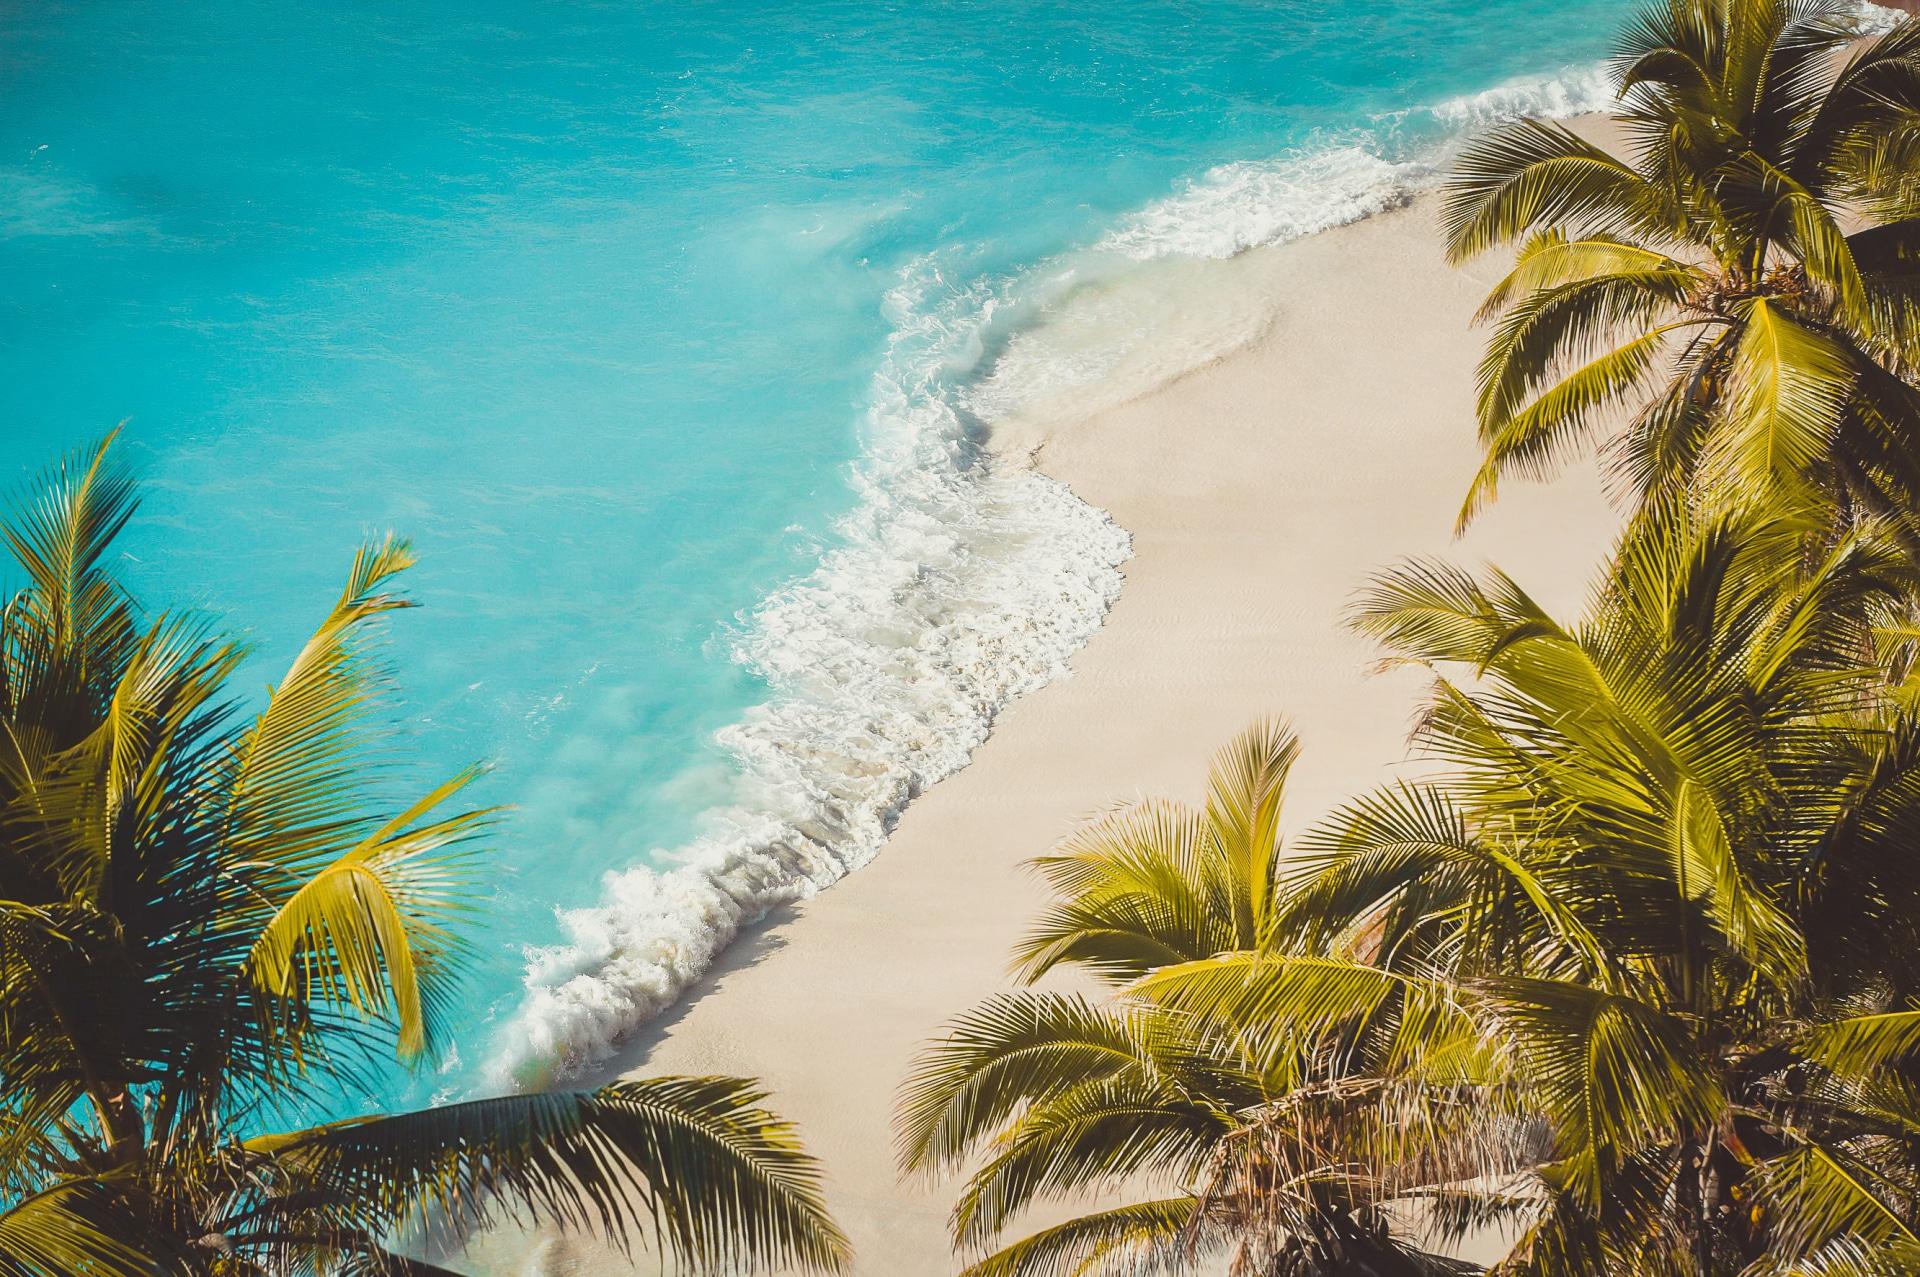 Luftaufnahme des Strands